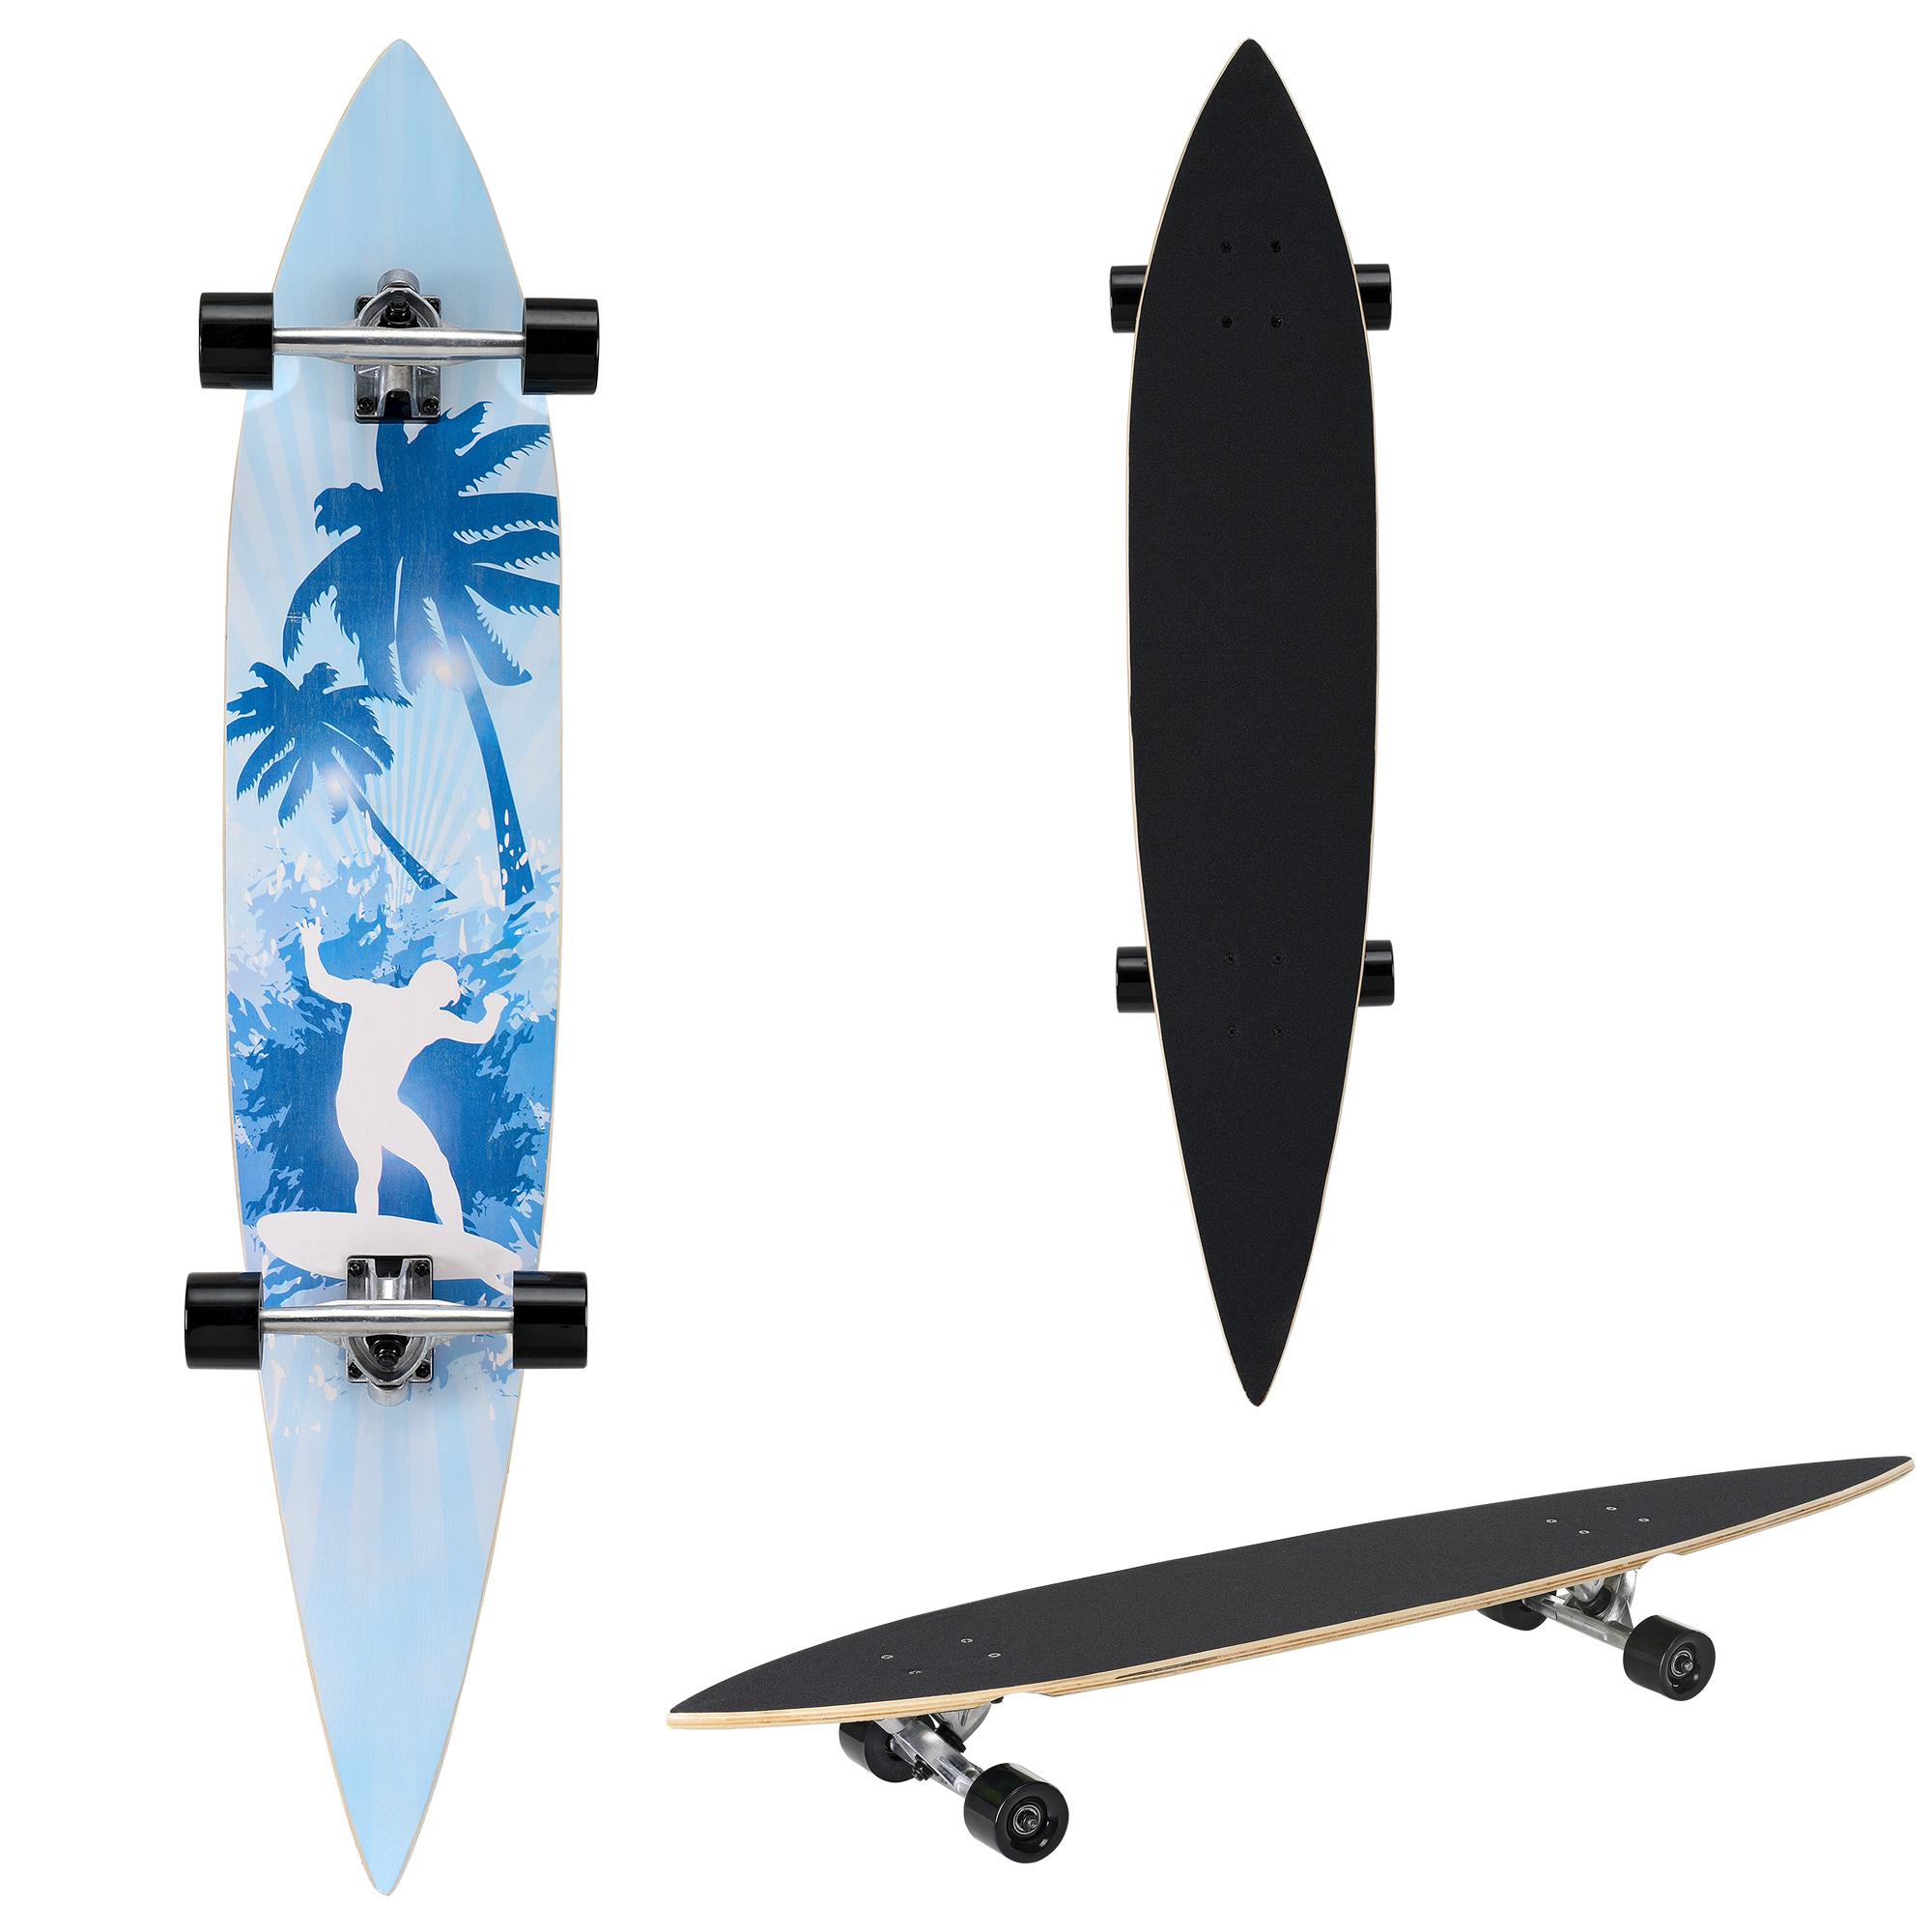 [pro.tec]® Pintail longboard - ZY-4608-5 - skateboard / surfer board